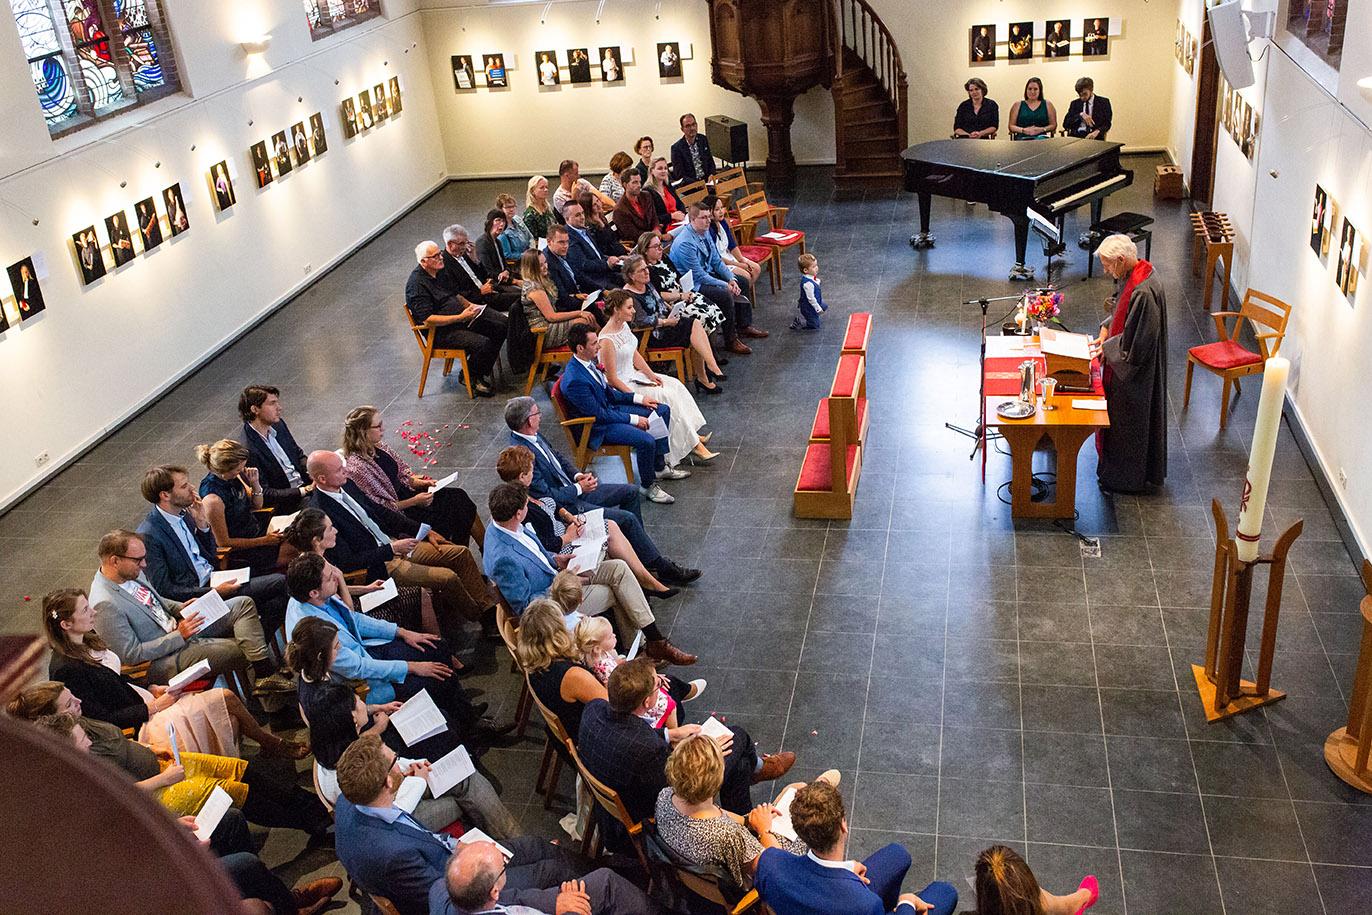 Trouwfotografie in Haarlem - trouwen in de kerk